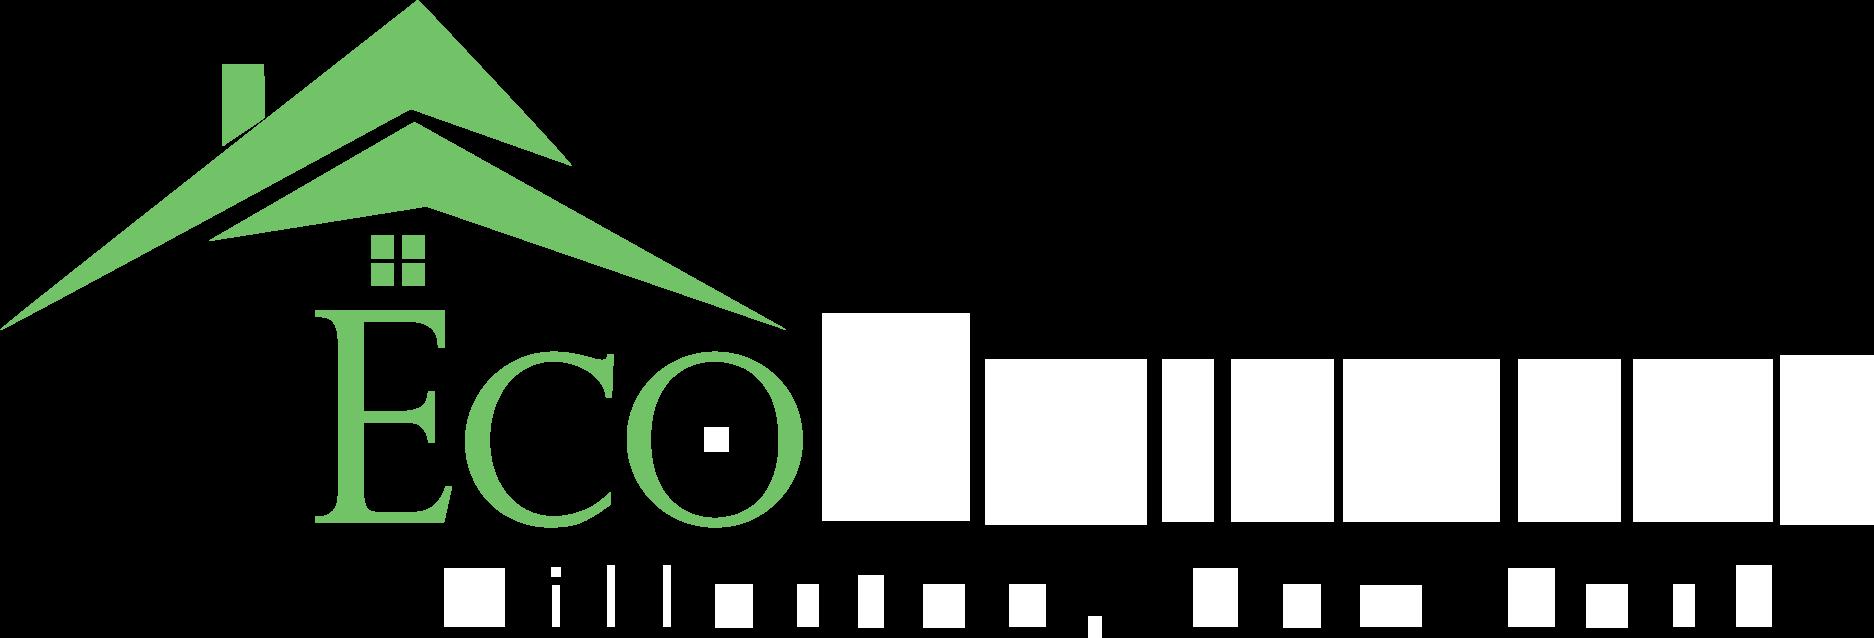 EcoBuilders - Millerton, NY